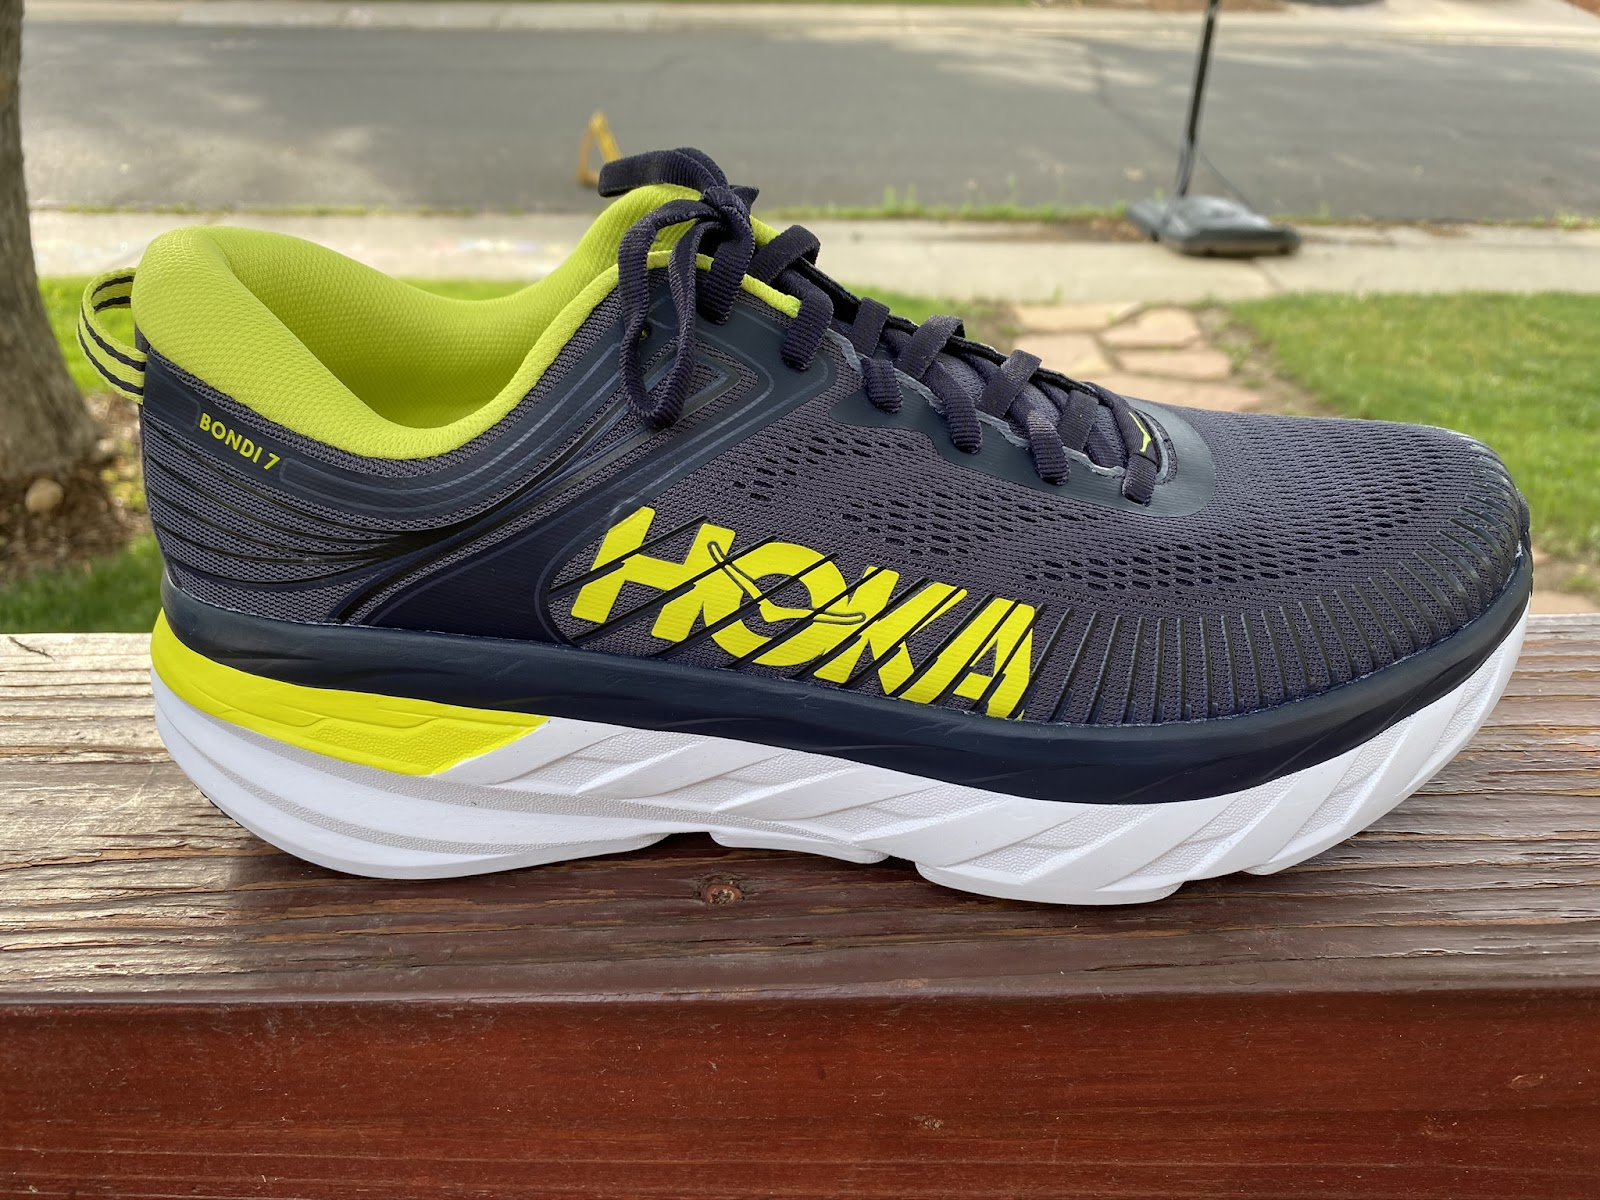 Road Trail Run Hoka One One Bondi 7 Review A Day Spa For Feet